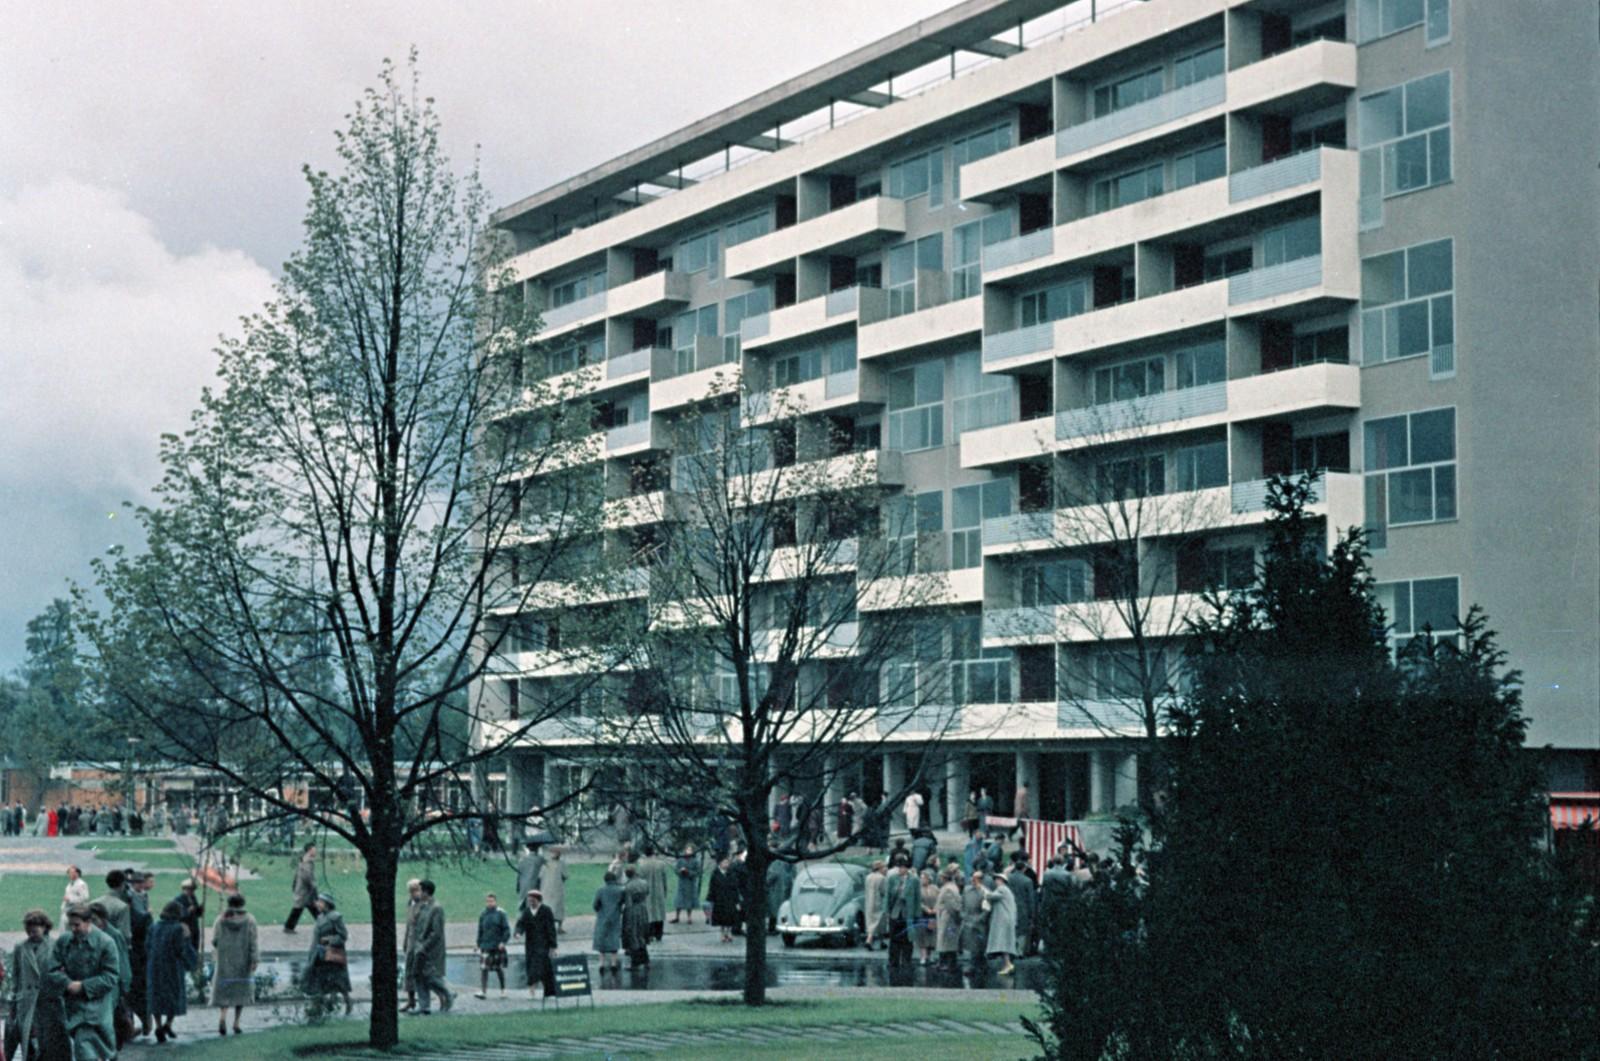 11. Западный Берлин. Клопштокштрассе, Пьер-Ваго-Хаус